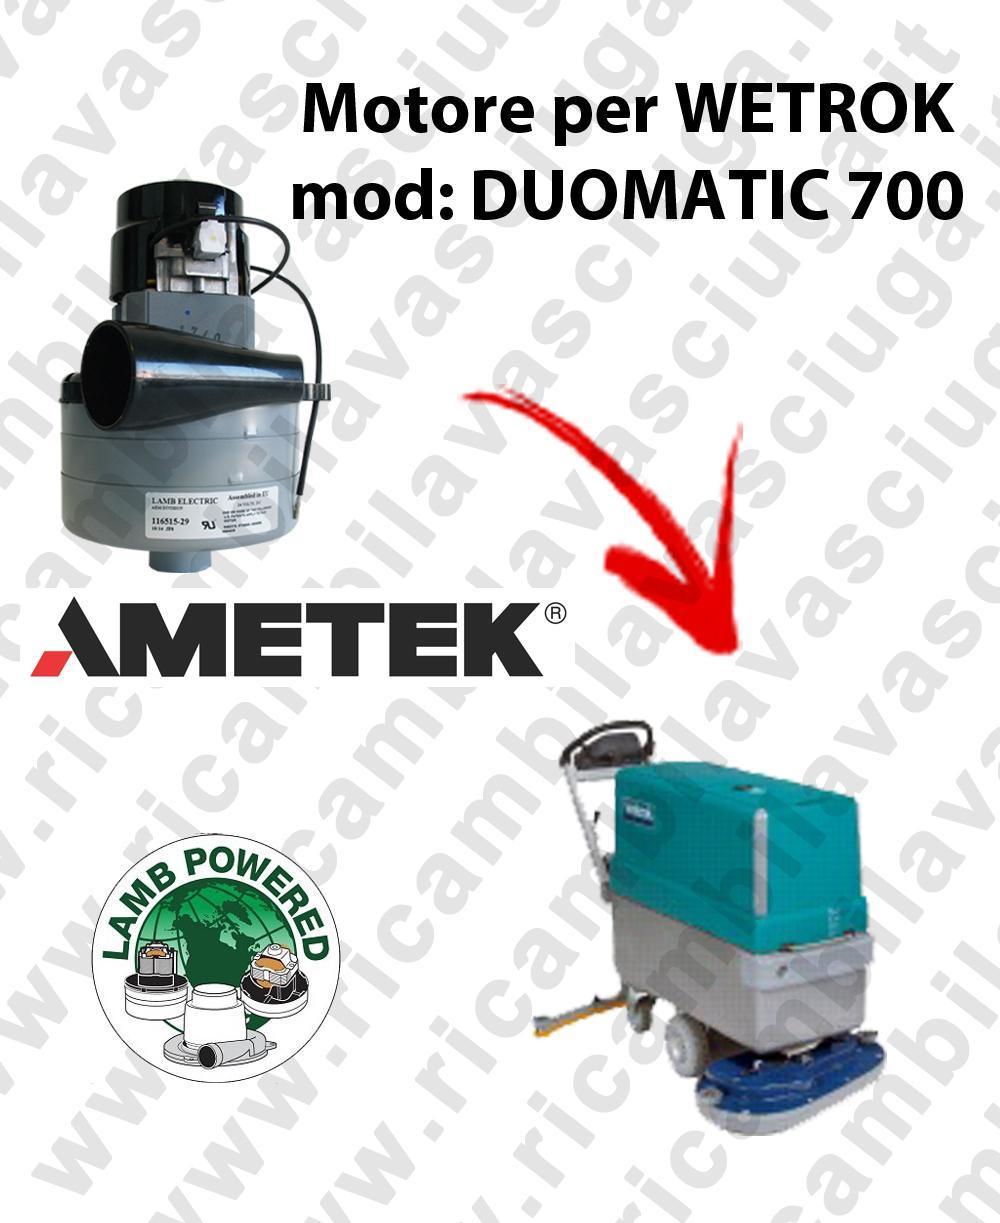 DUOMATIC 700 Saugmotor LAMB AMETEK für scheuersaugmaschinen WETROK